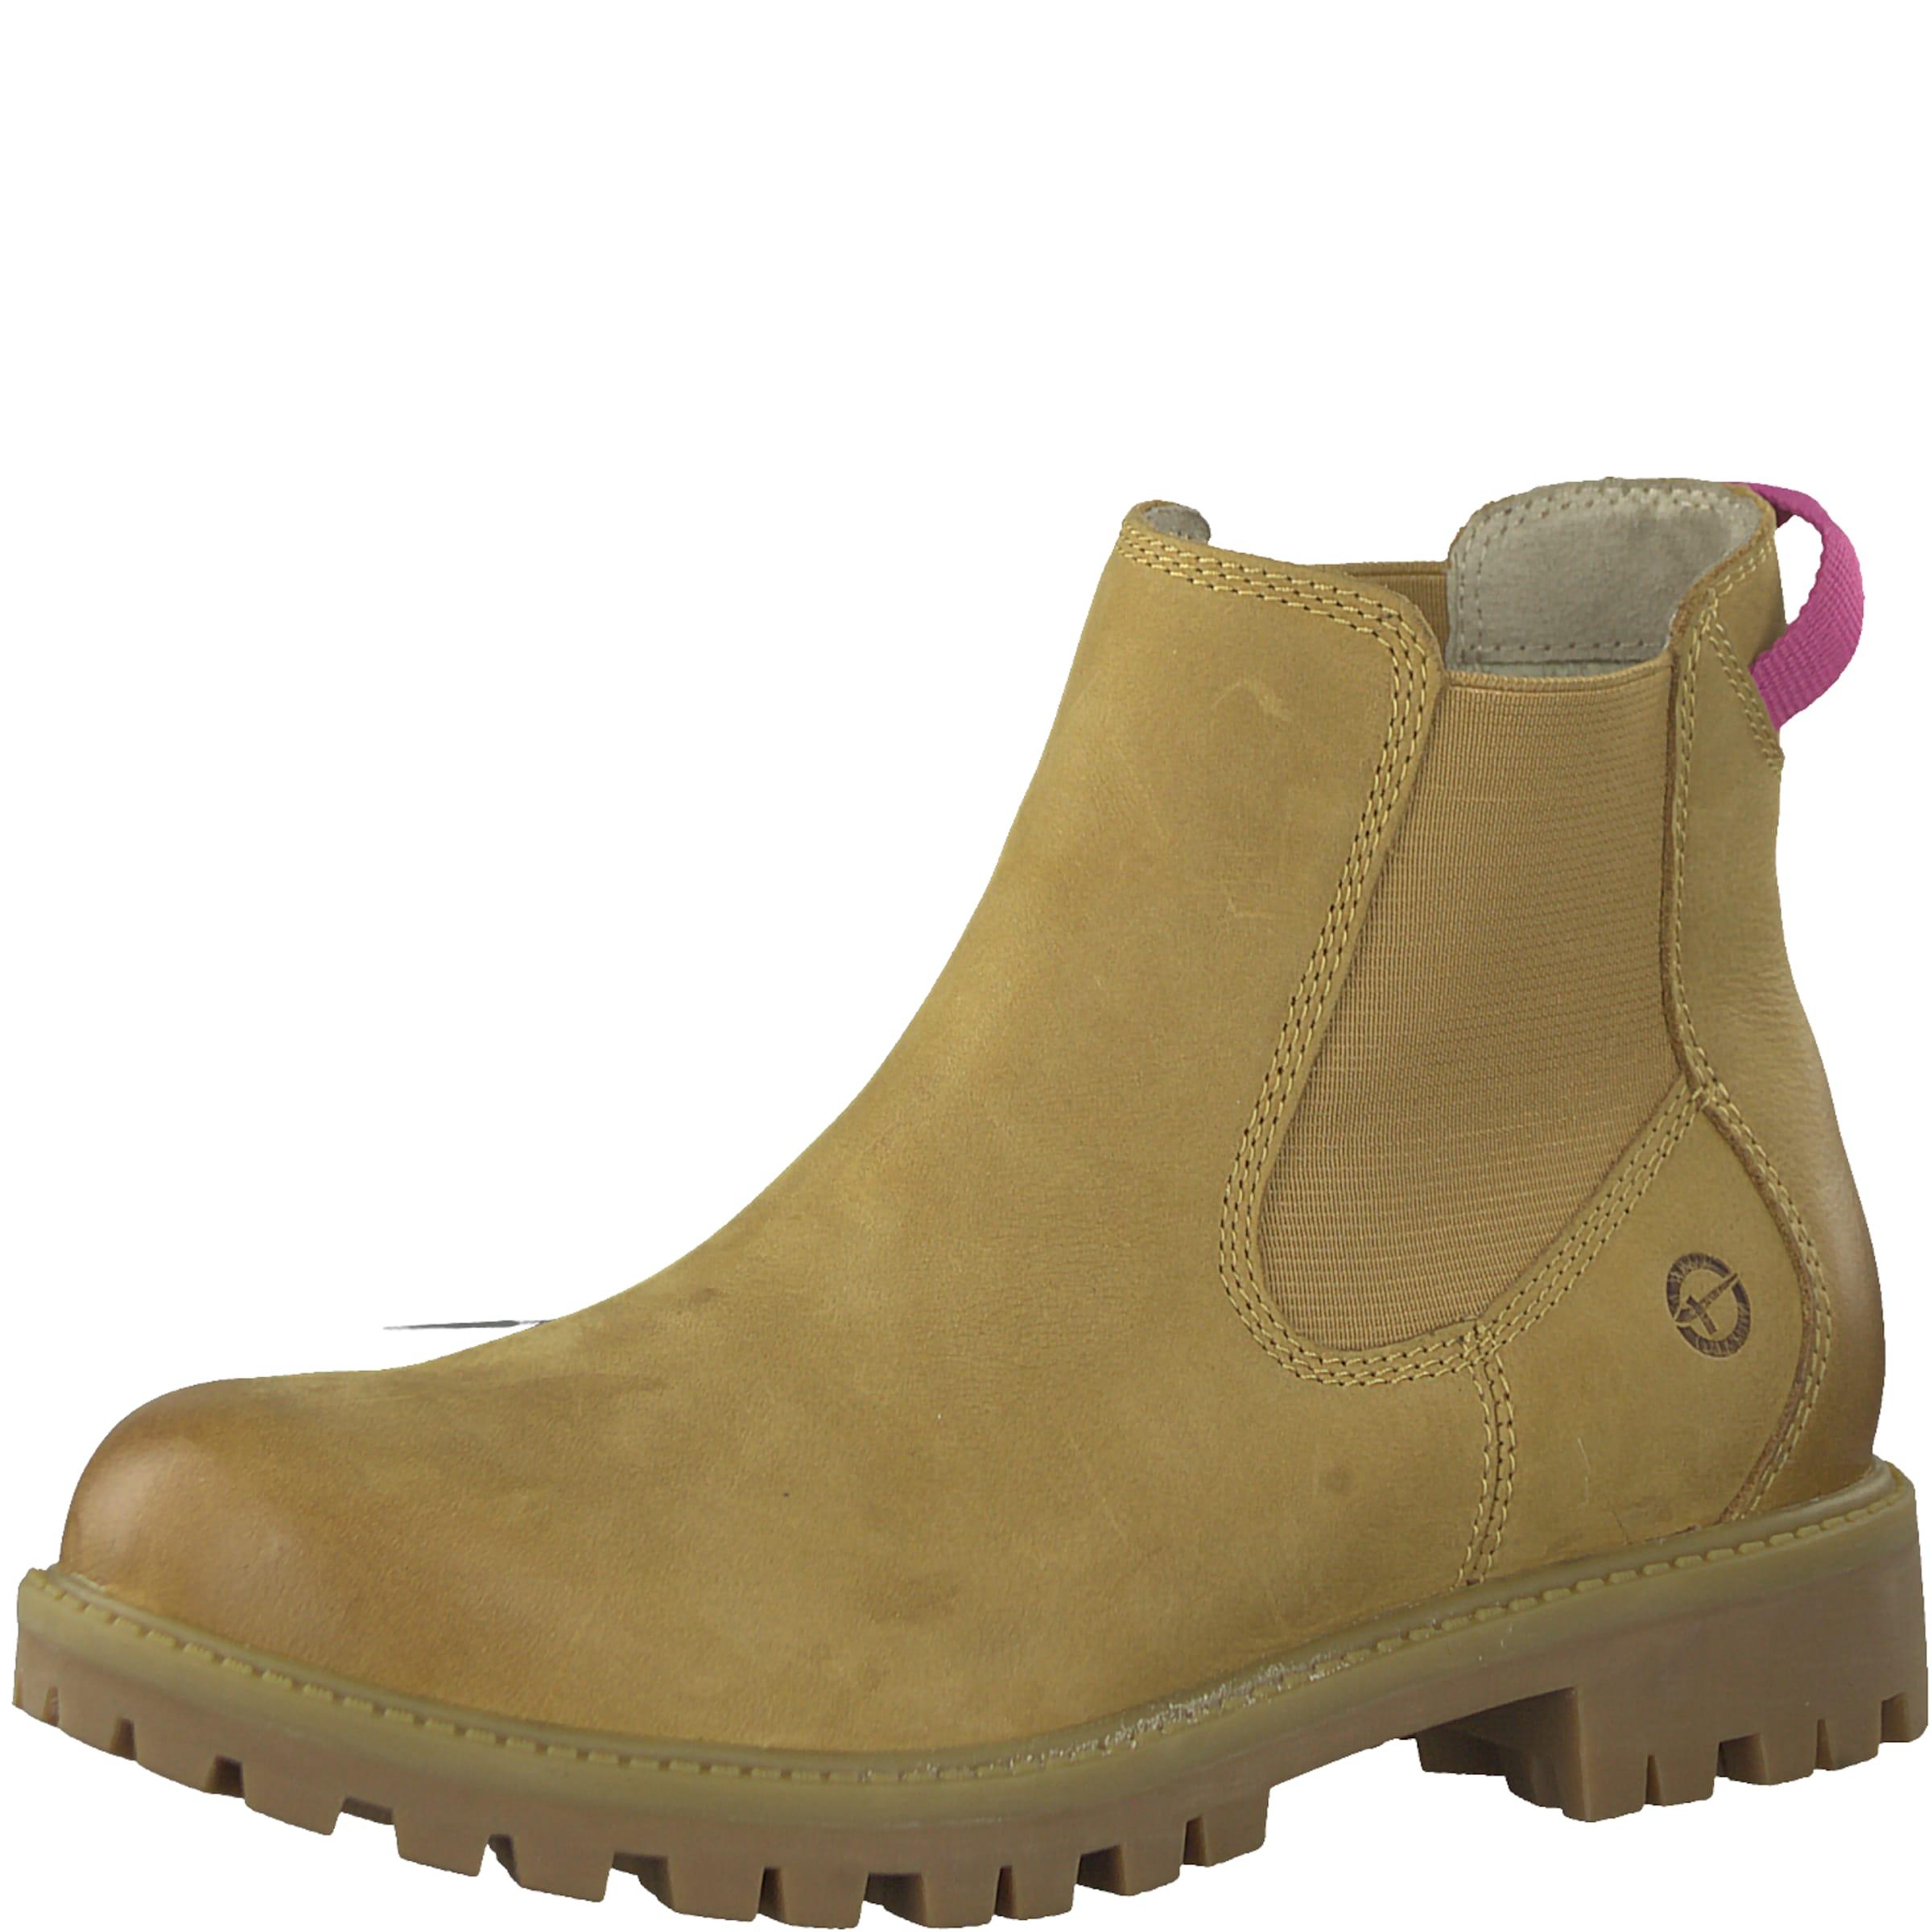 TAMARIS Stiefeletten Verschleißfeste billige Schuhe Hohe Qualität